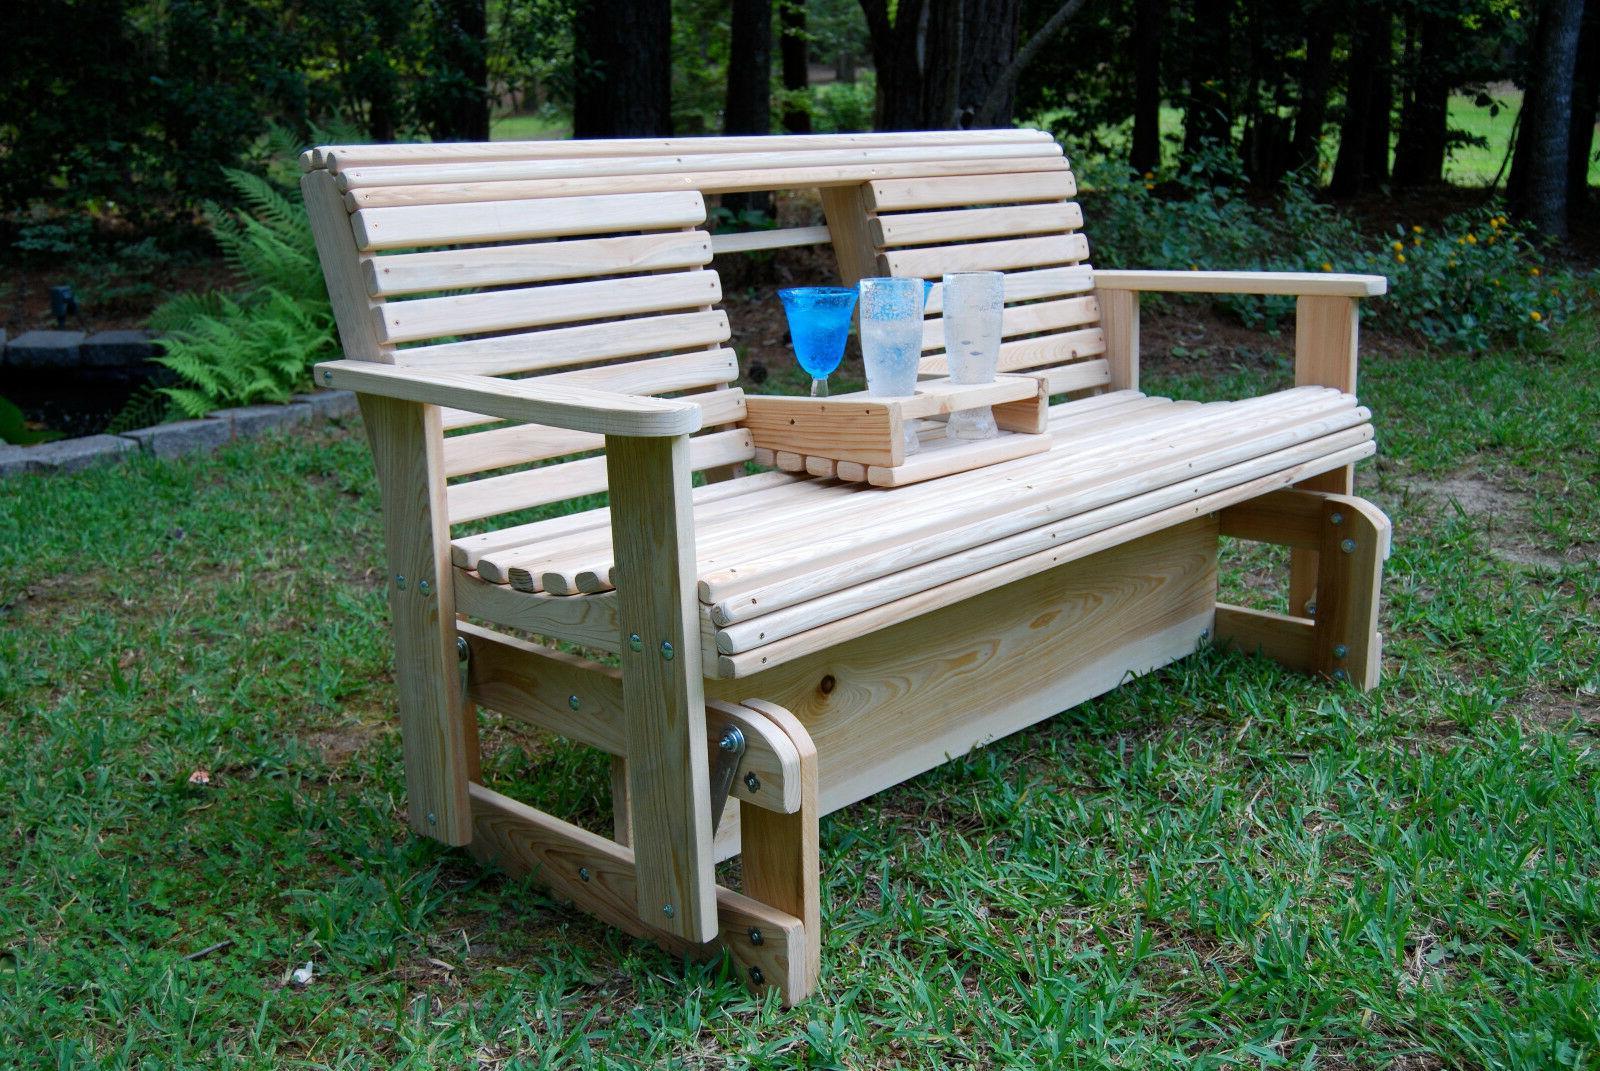 5' CYPRESS Wooden FREESTANDING GLIDER PORCH YARD